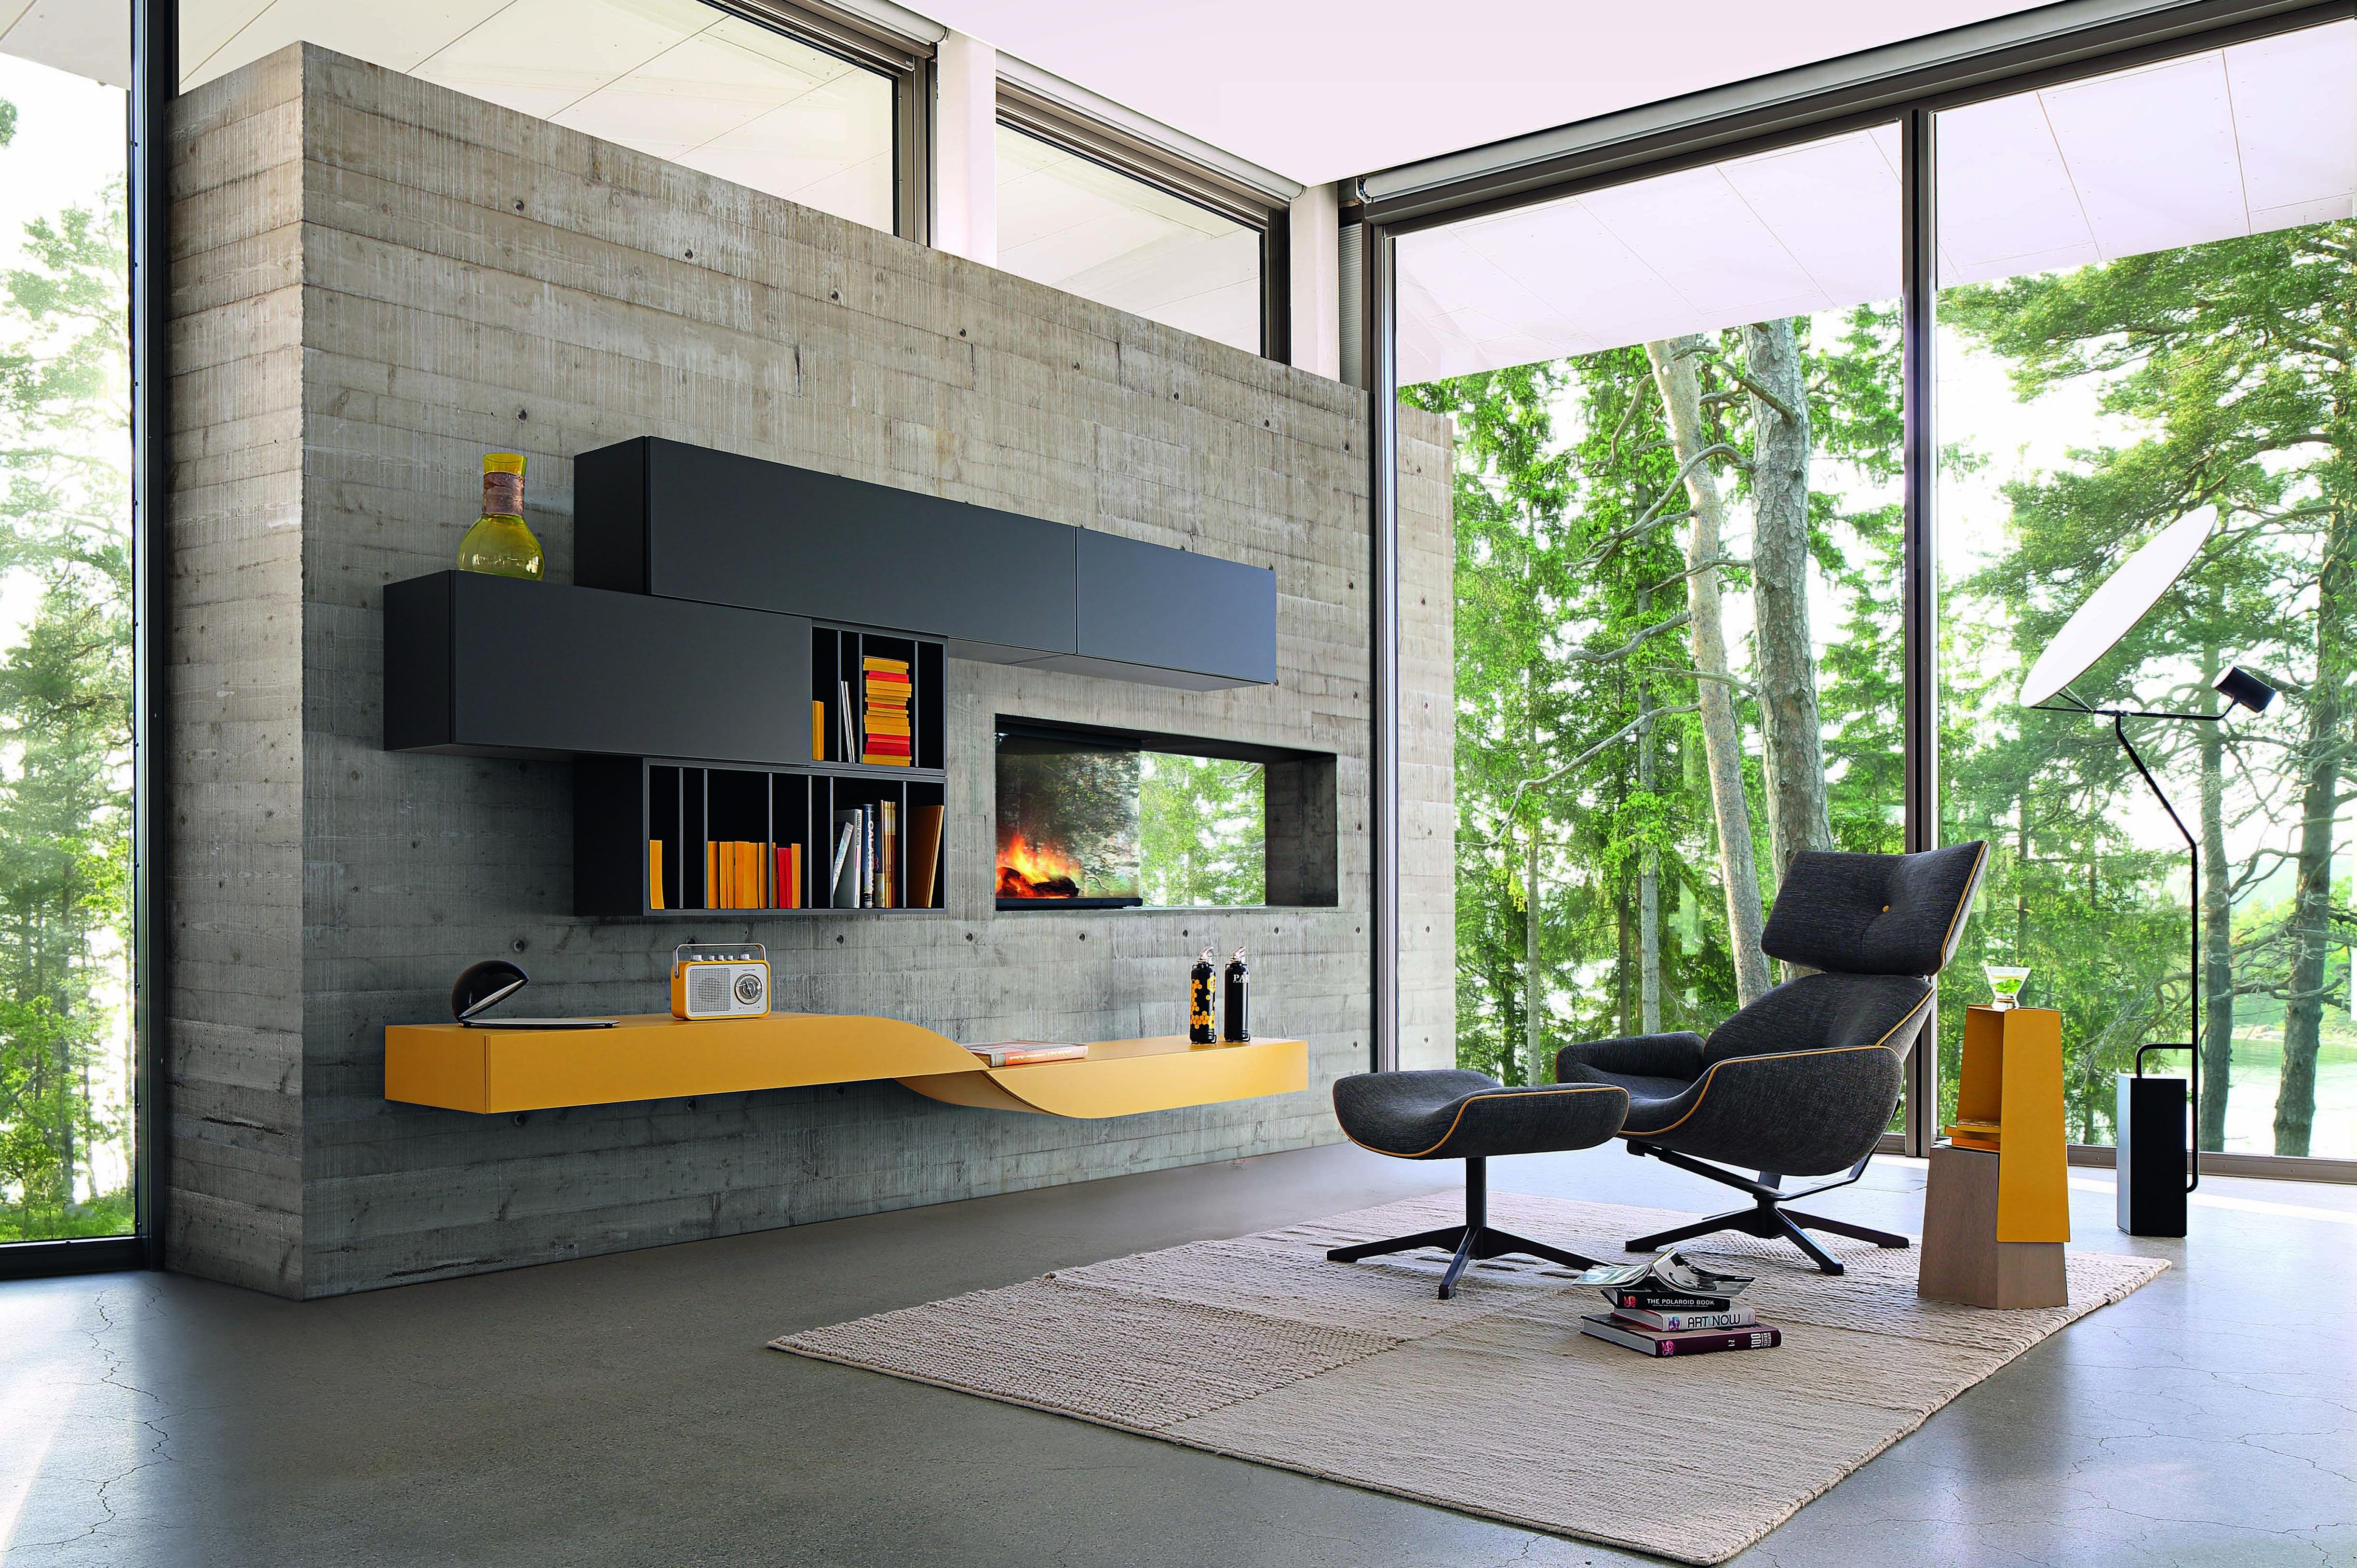 Roche Bobois Intralatina Wall Unit Design Marelli Molteni Rochebobois Contemporary Des Living Room Wall Units Living Room Wall Small Space Living Room